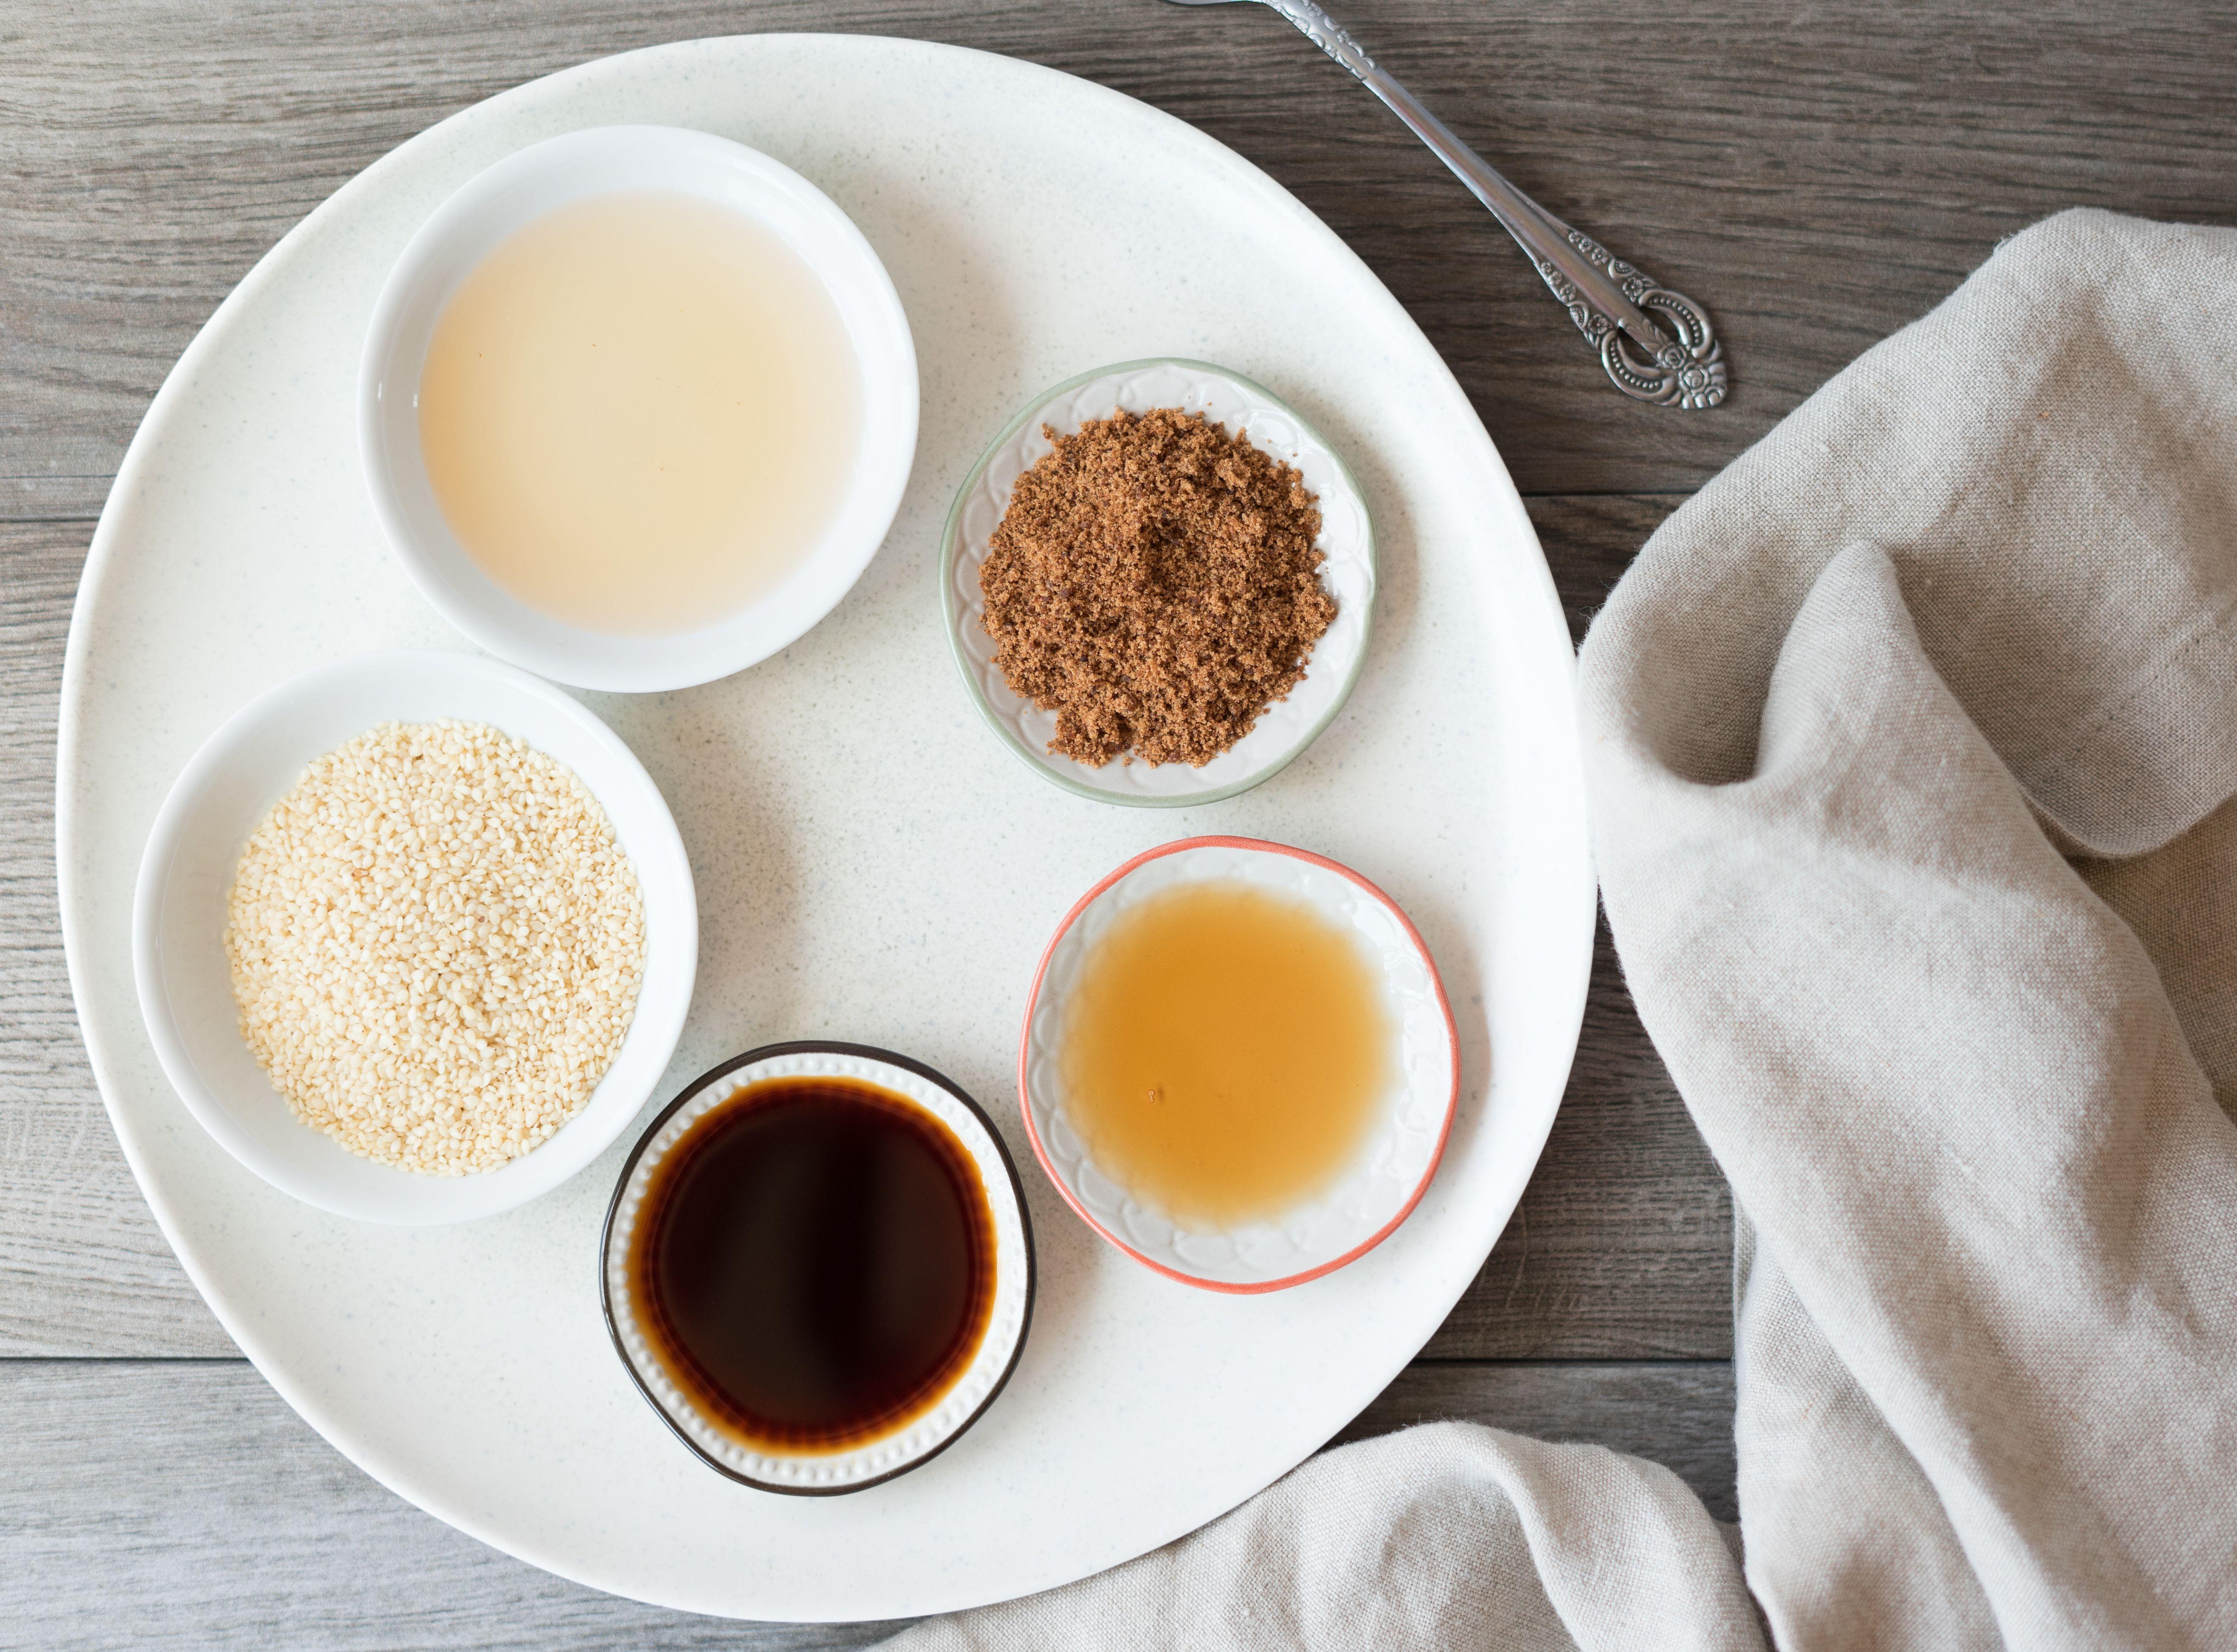 Ingredients for sesame salad dressing